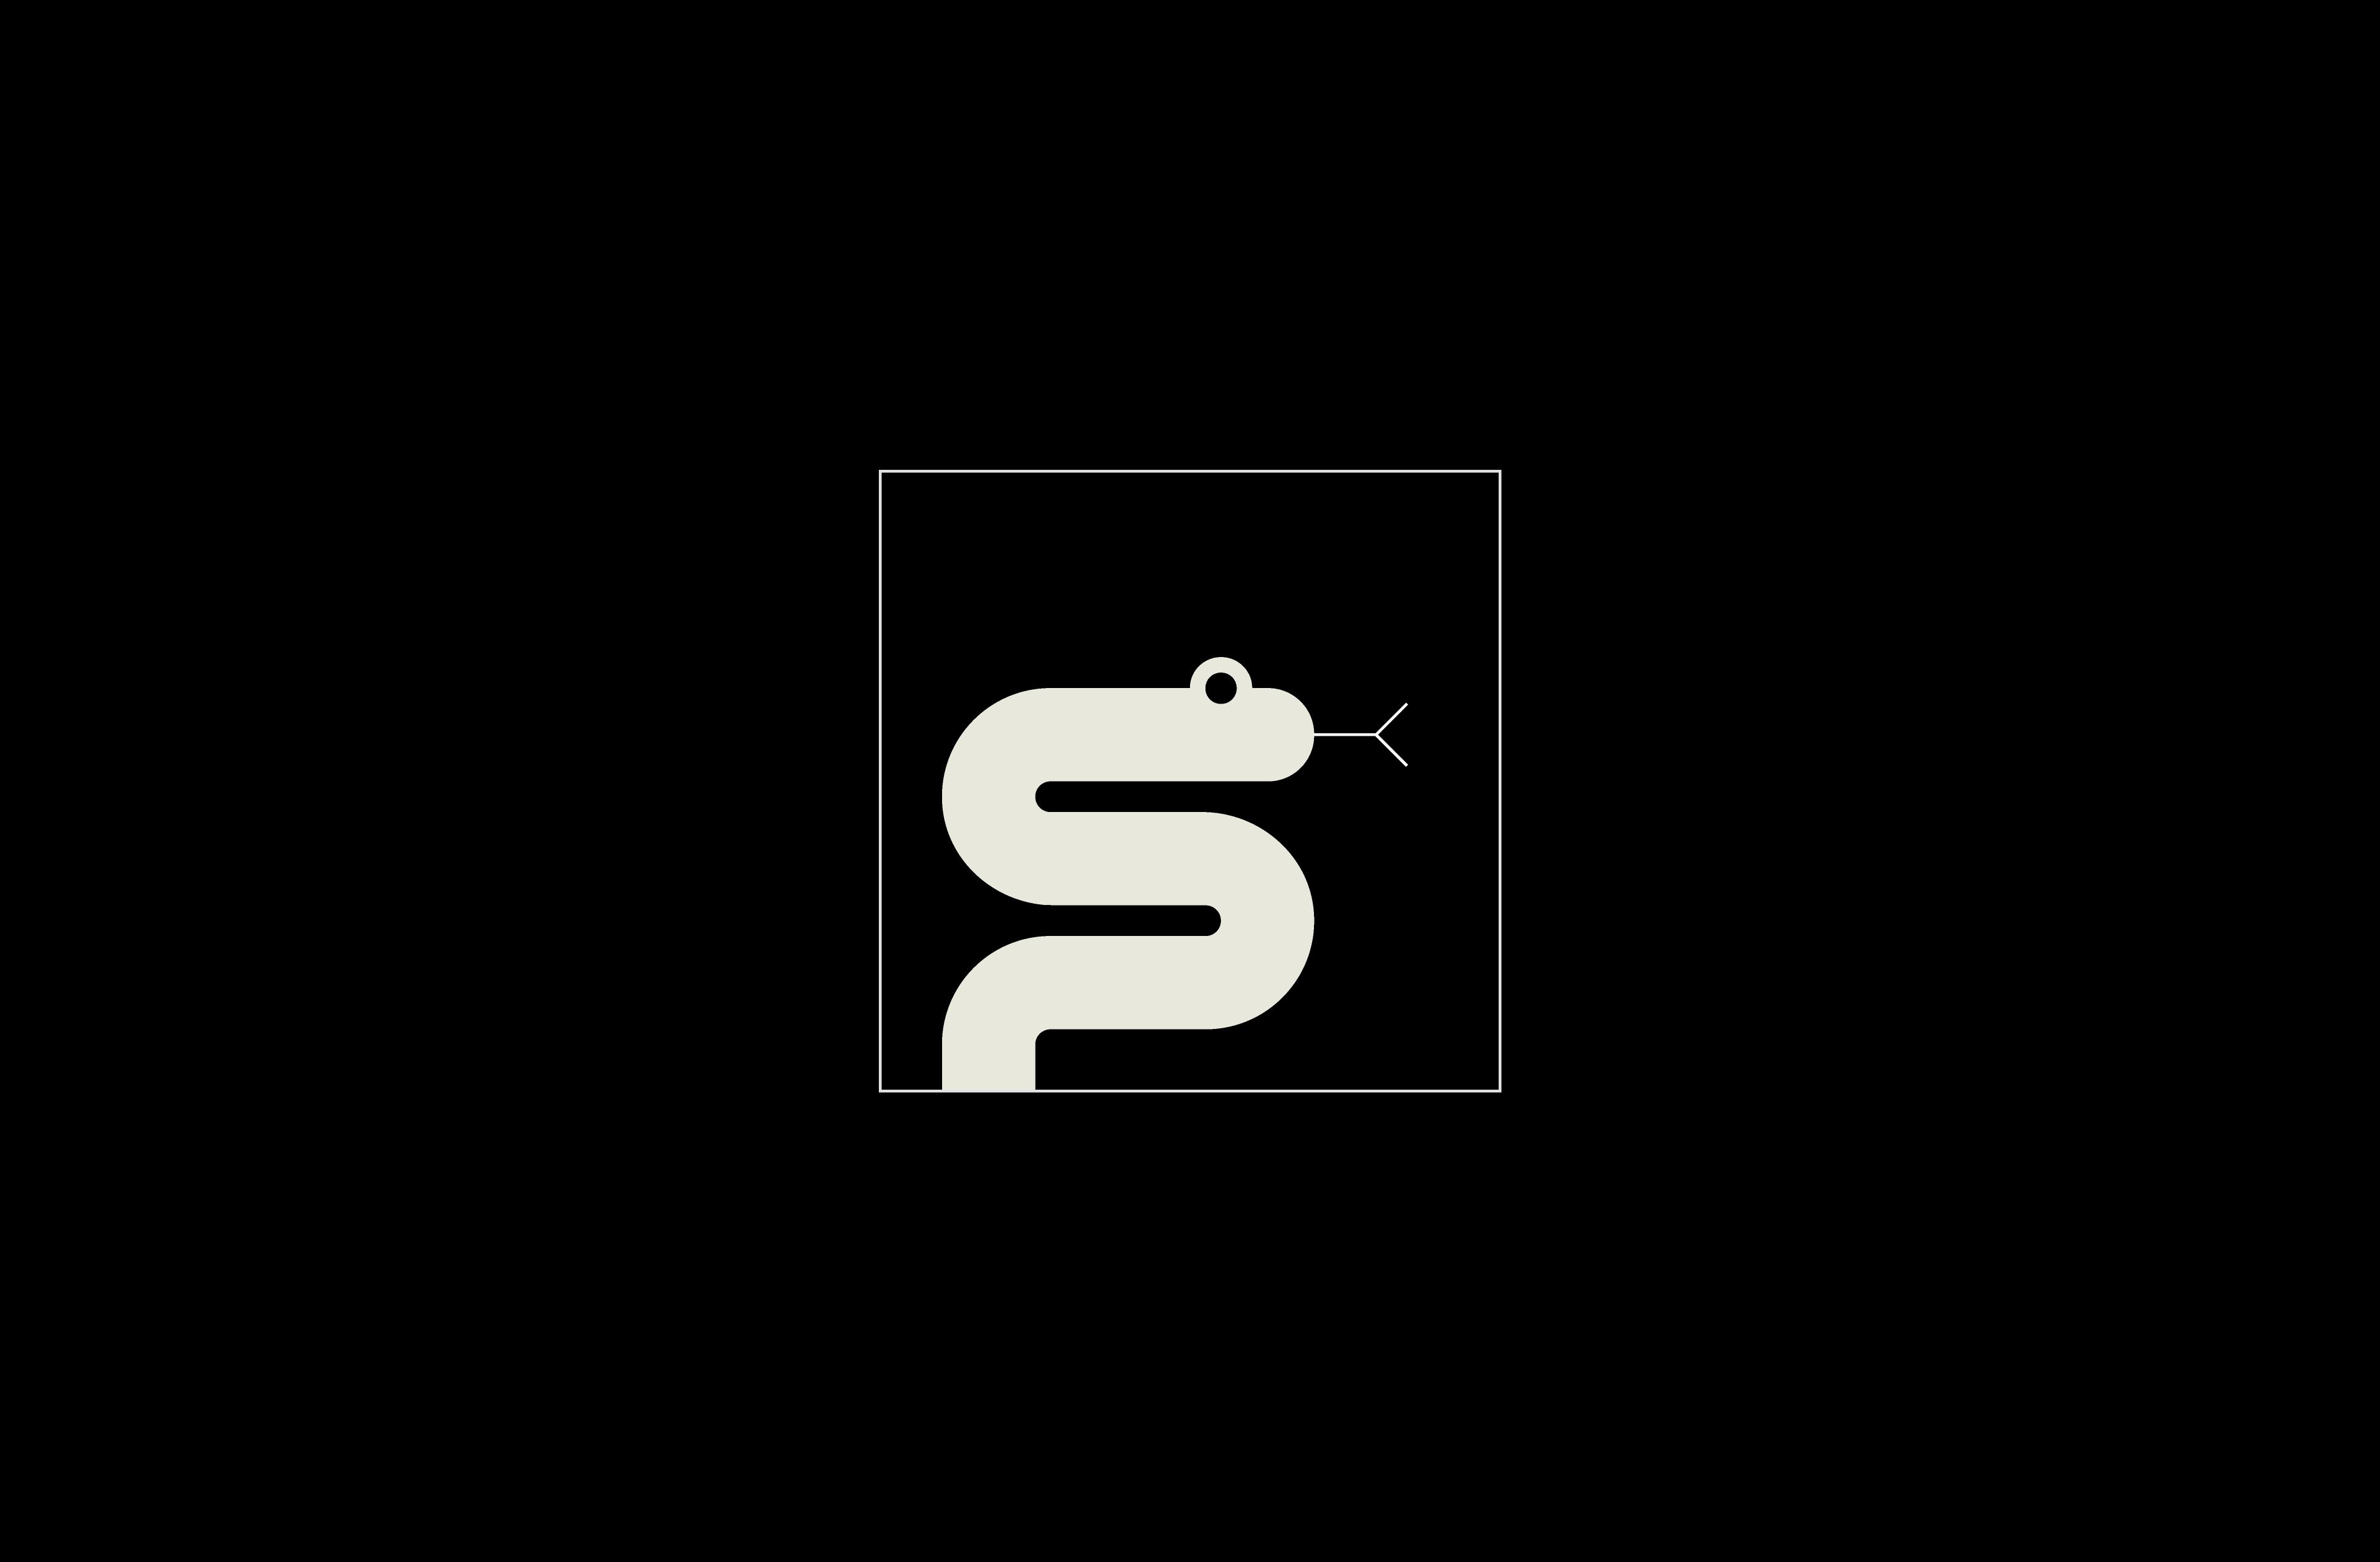 Spelunky-snake-2x